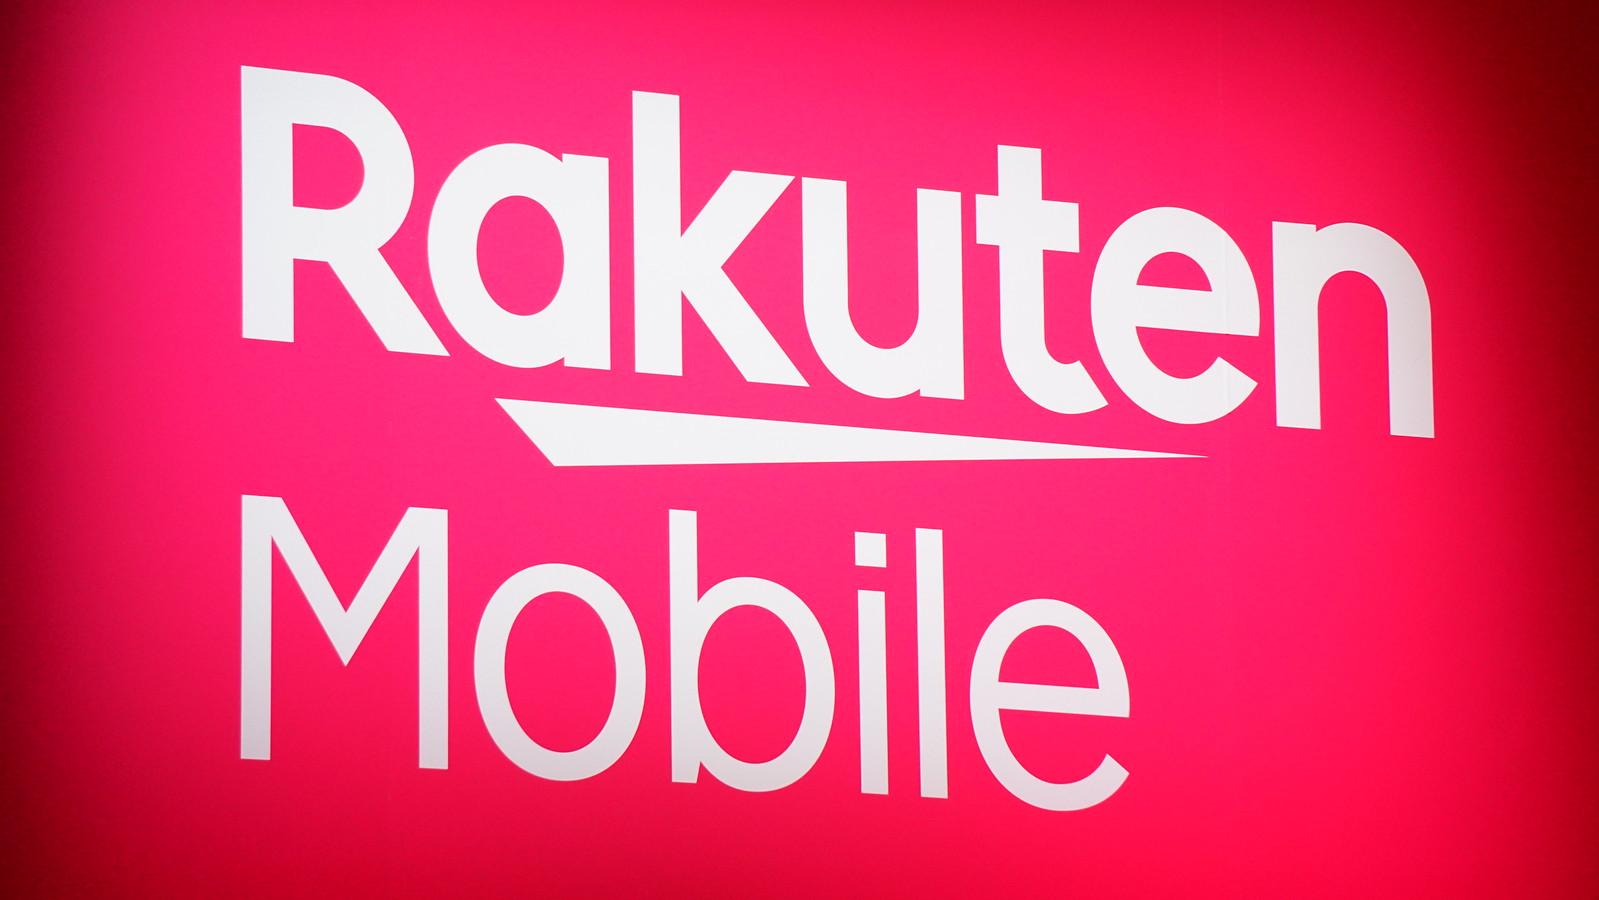 楽天モバイル、iPhoneが楽天回線対応製品に。6s以降で利用可能に